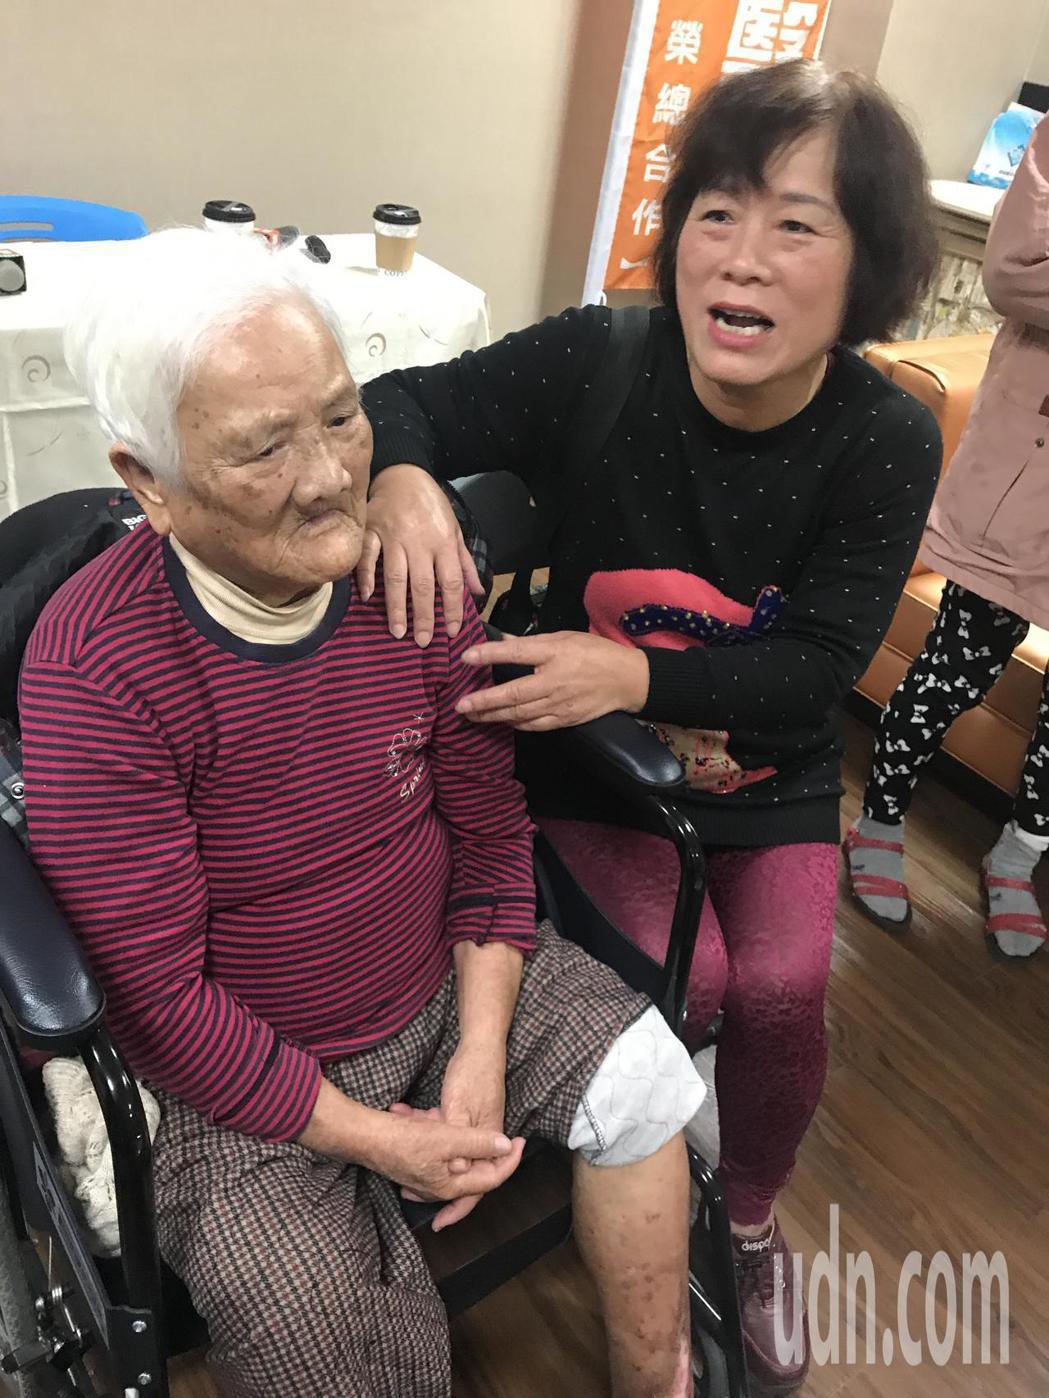 90歲糖尿病患老太太的腿因撞到輪椅,傷口無法癒合,也是靭帶潰爛外露,差點要截肢,...